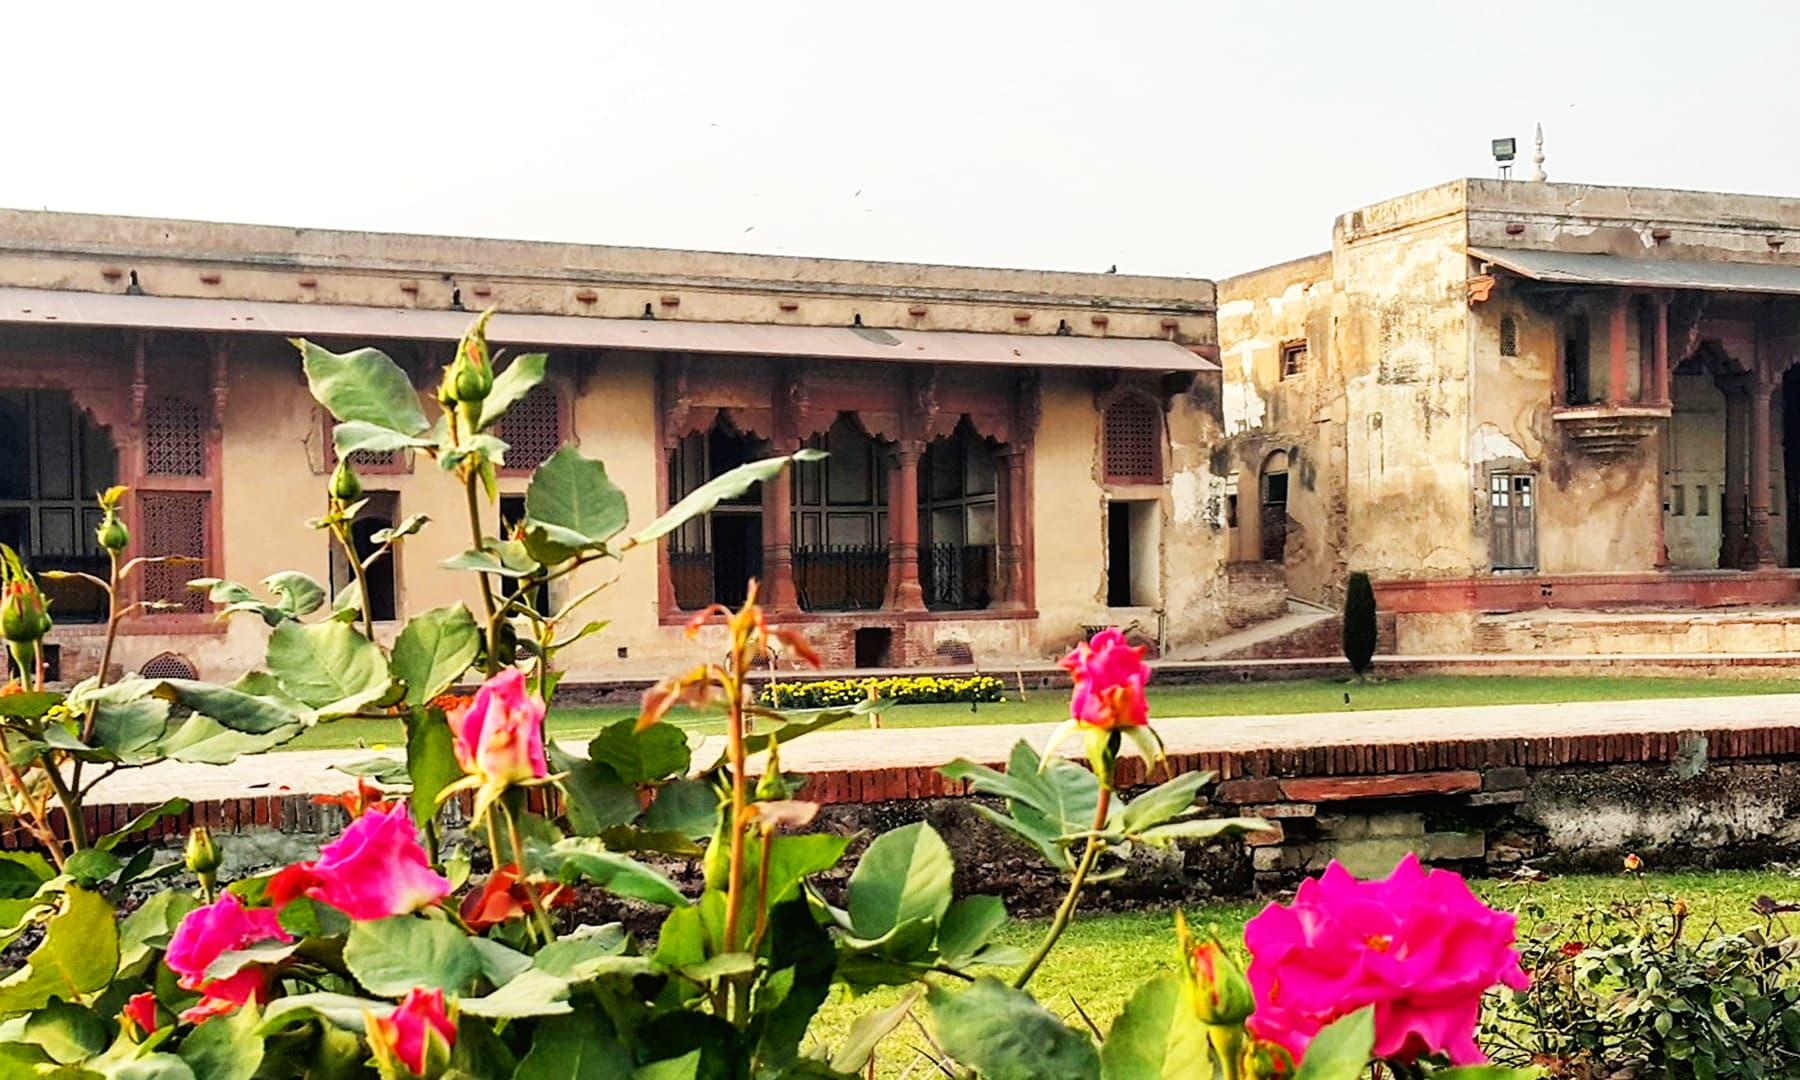 لاہور کی سیر — تصویر صوفیہ کاشف